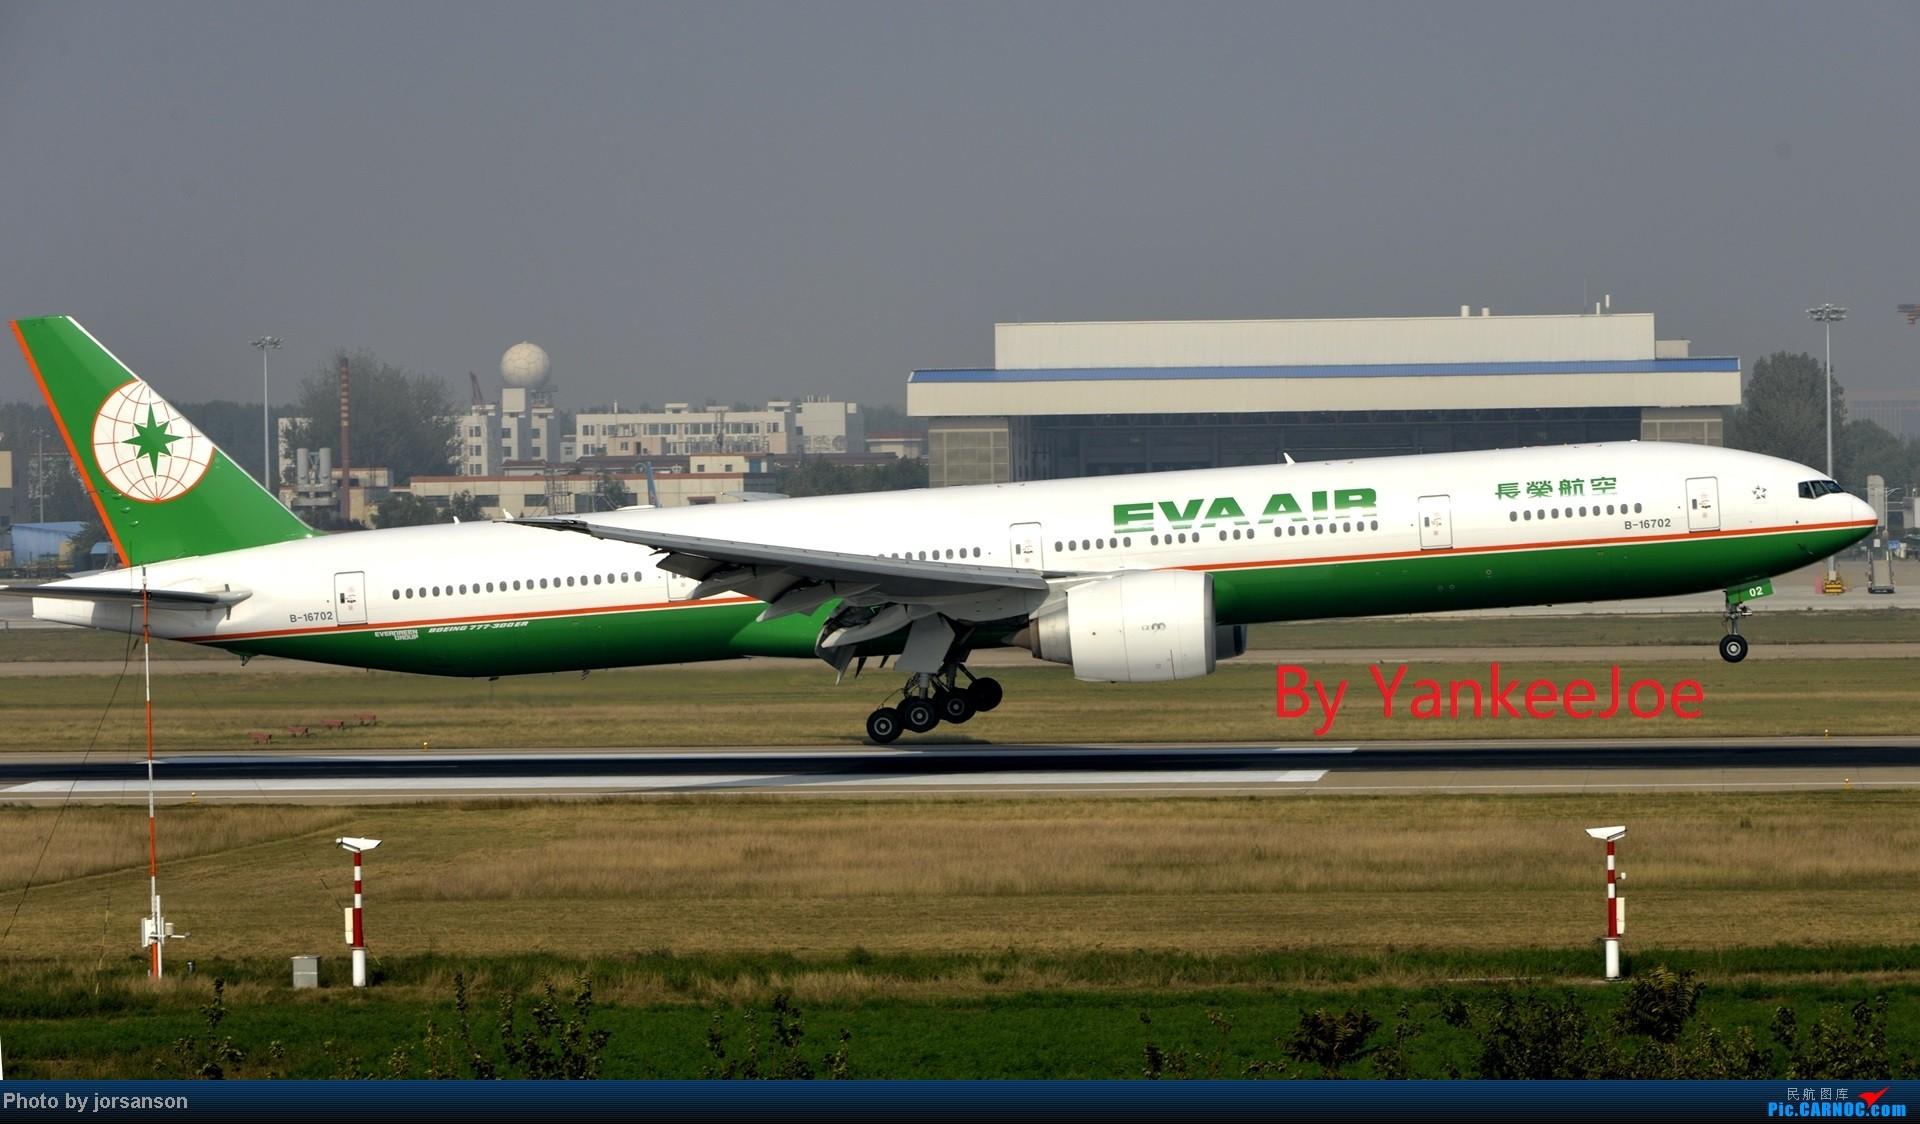 [原创]郑州飞友会YankeeJoe新郑首次拍机 BOEING 777-300 B-16702 中国郑州新郑机场